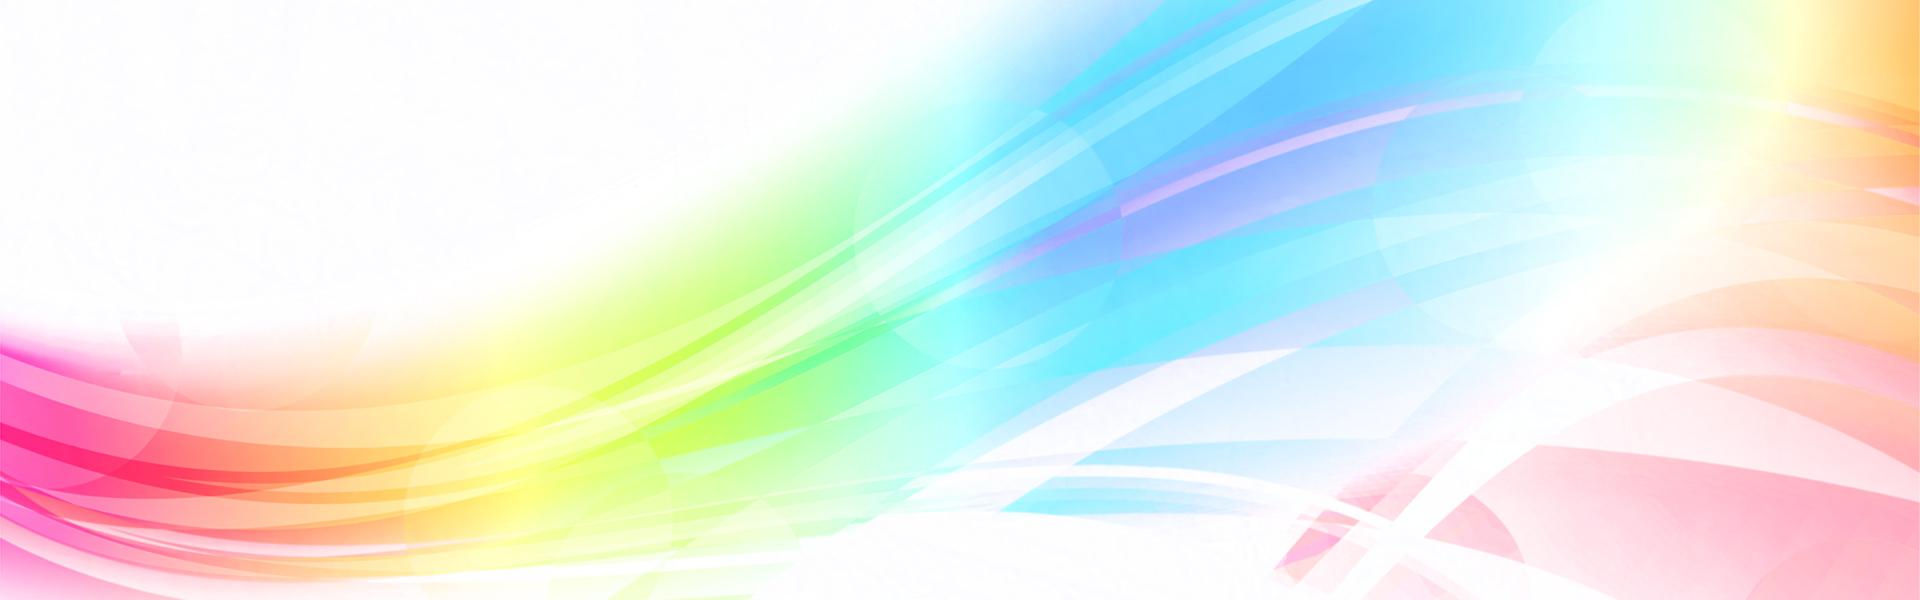 福岡のカラーリアム・オーラソーマ・カラーセラピスト養成学校|資格認定ならフォー・カラー+癒し庵